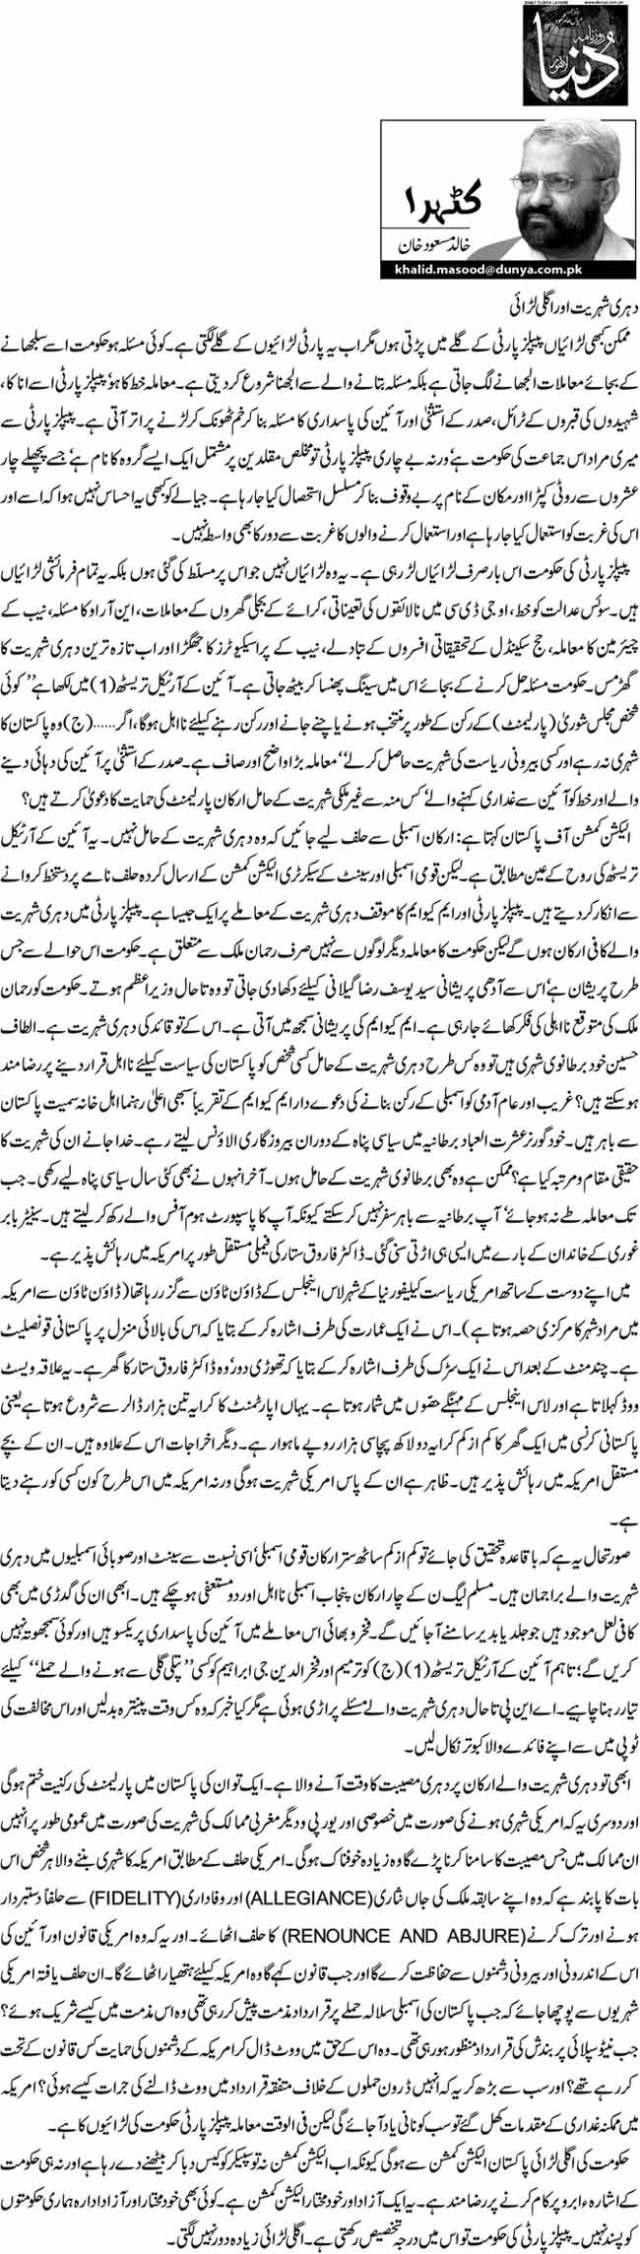 Duhri shehriyyat aur agli larai - Khalid Masood Khan